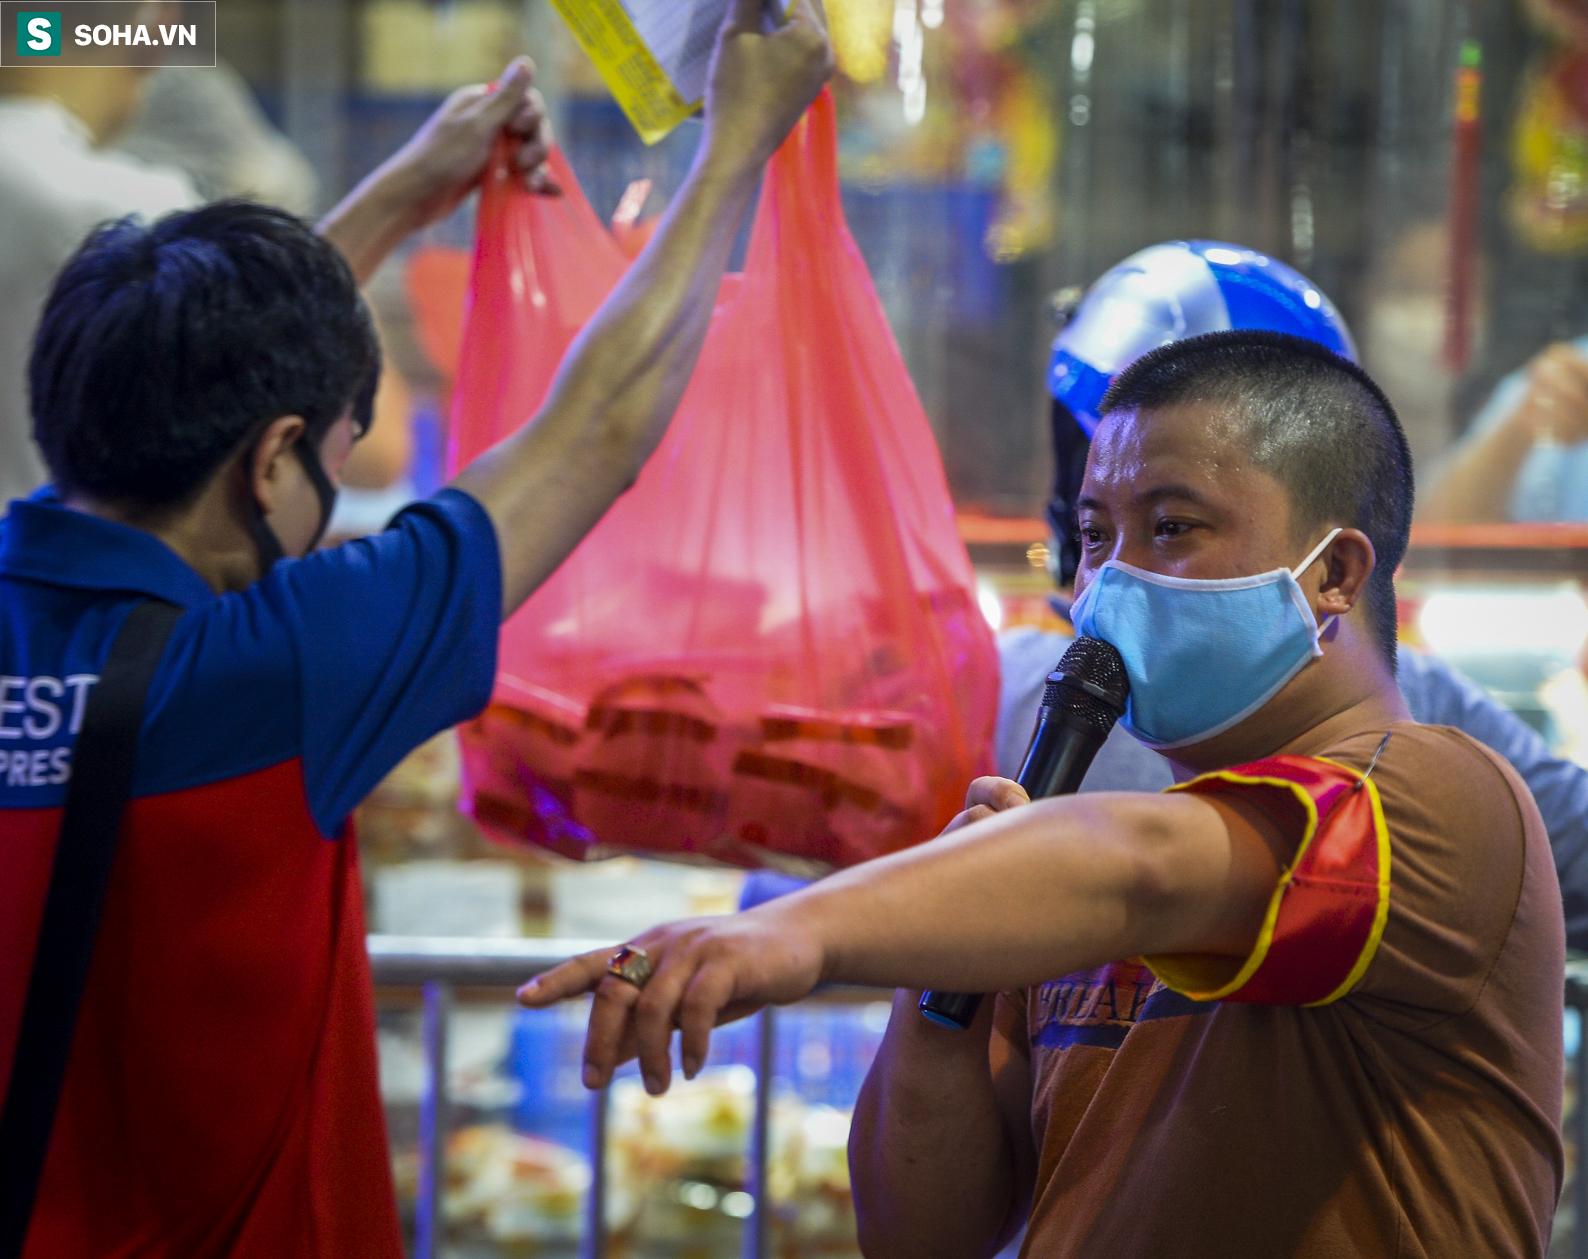 Hà Nội ngày đầu nới lỏng giãn cách cho vùng xanh, người dân xếp hàng dài chờ mua bánh trung thu - Ảnh 3.